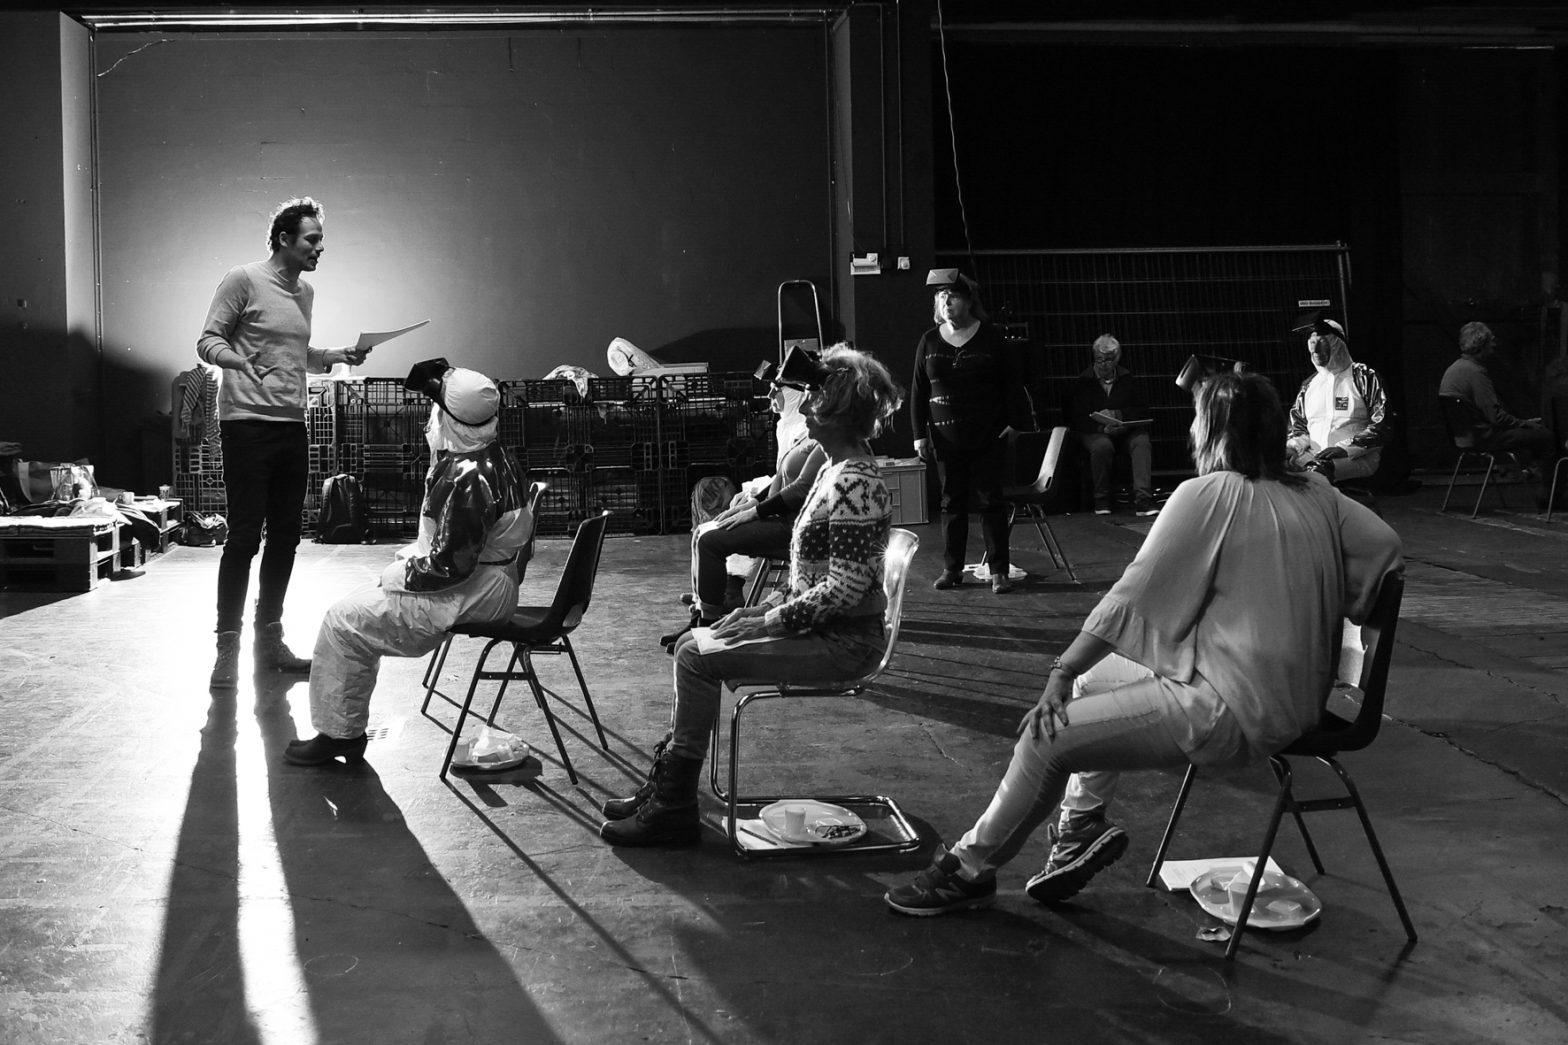 Choreograaf geeft uitleg op podium